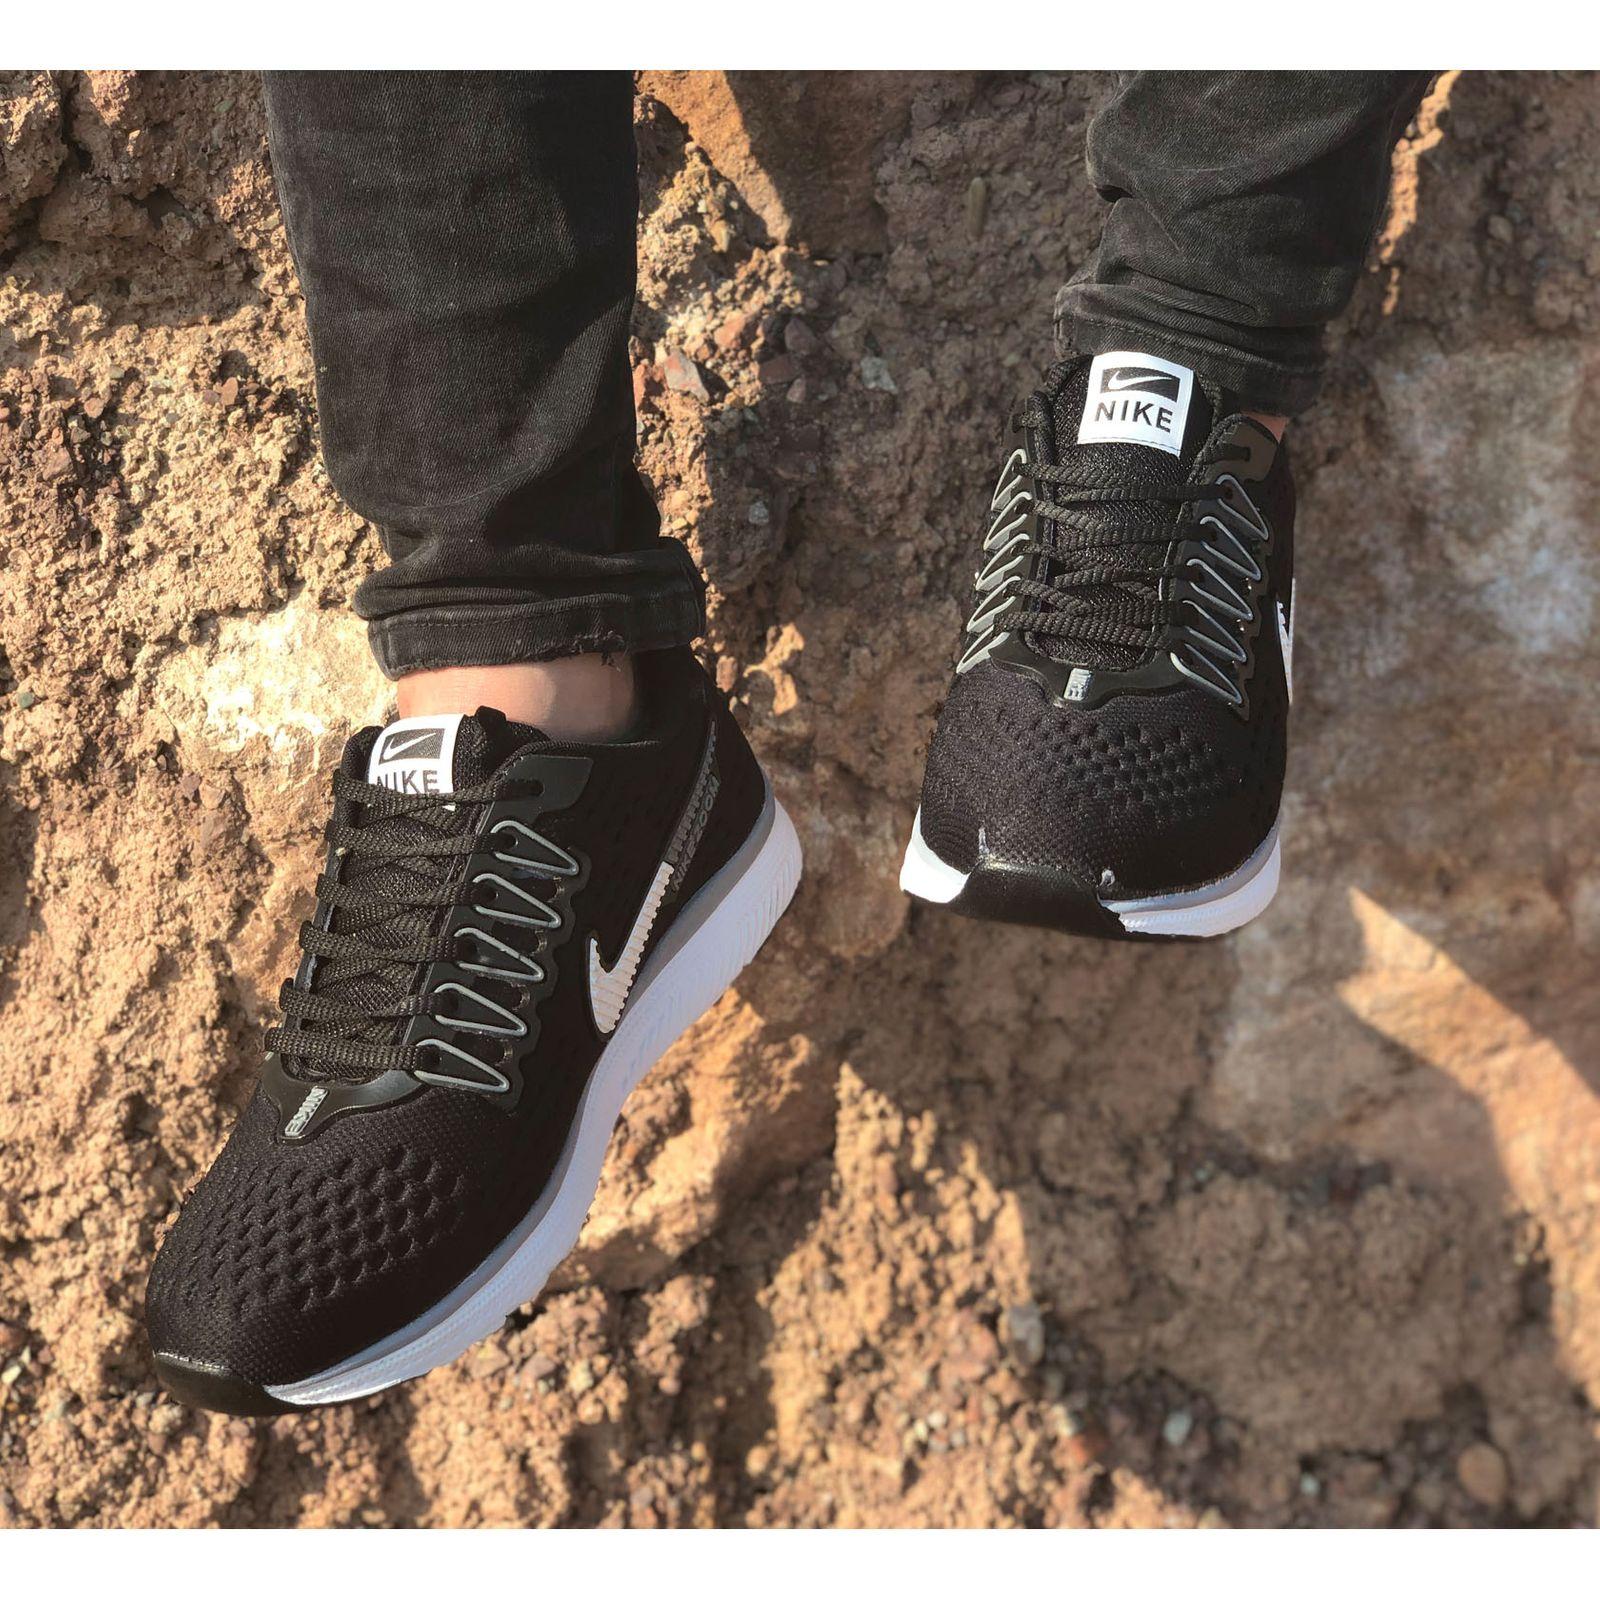 کفش مخصوص پیاده روی مردانه کد nk 200 main 1 8